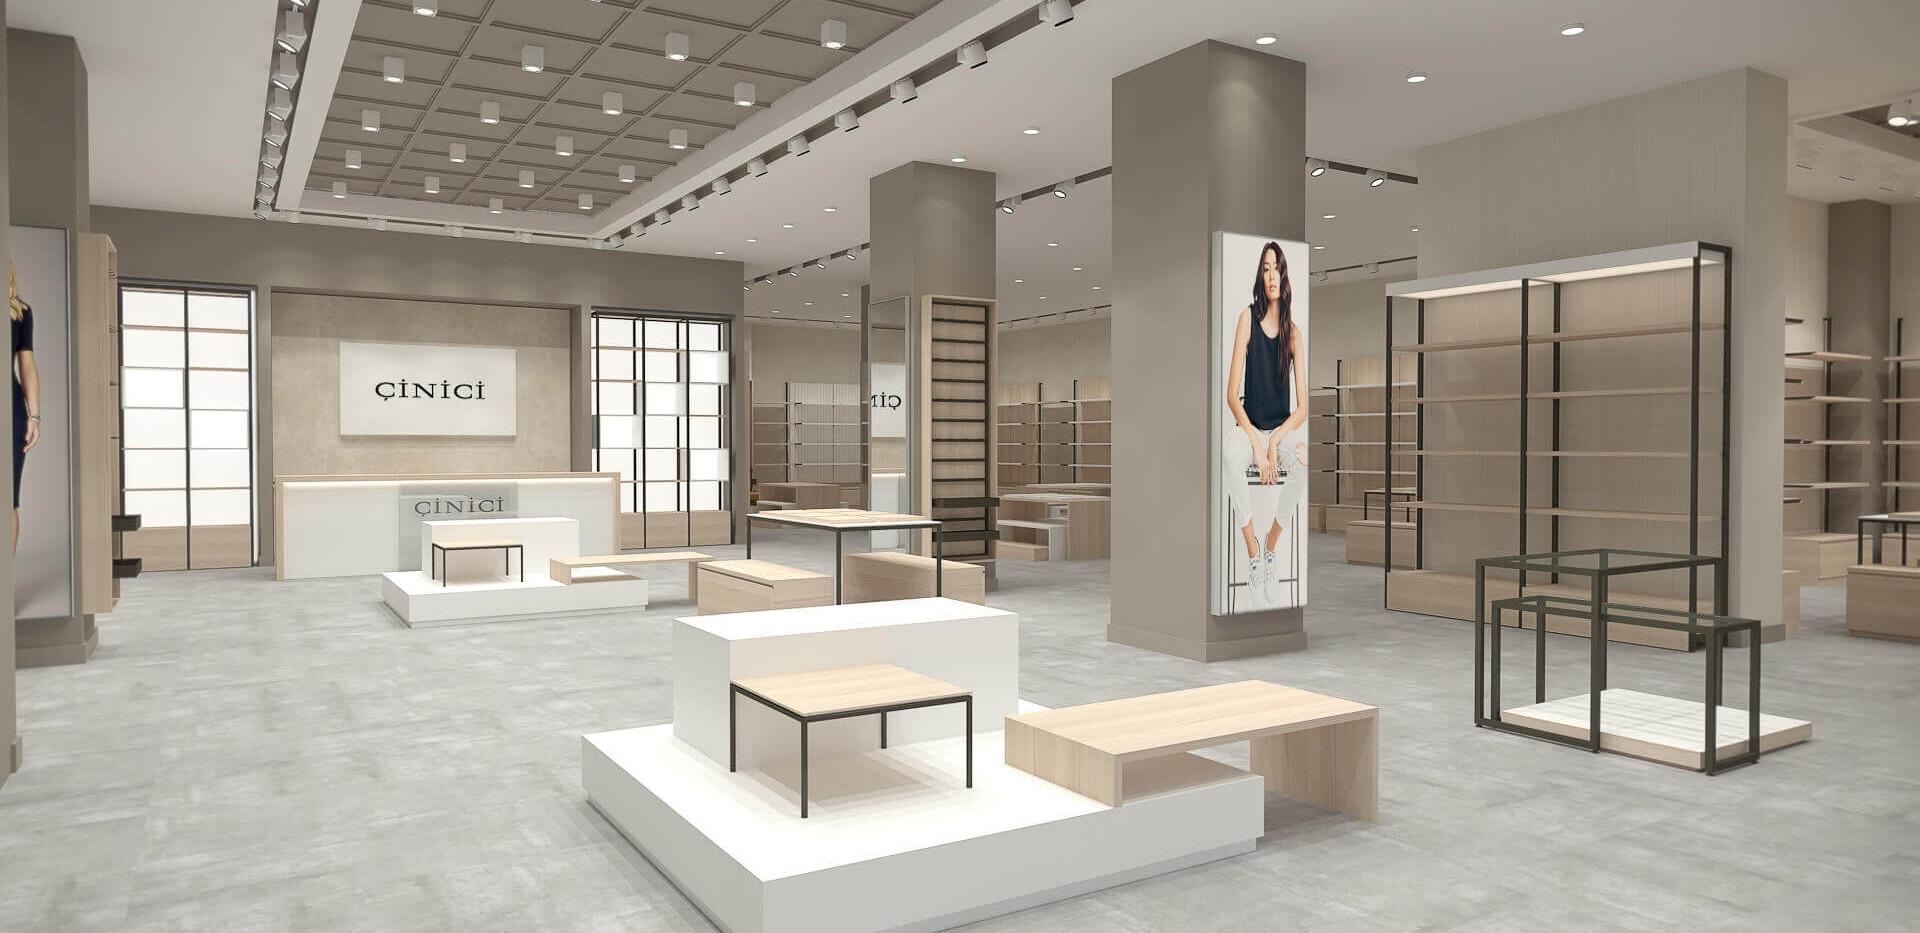 Cinici - Shoes Store Shop Design-1.jpg